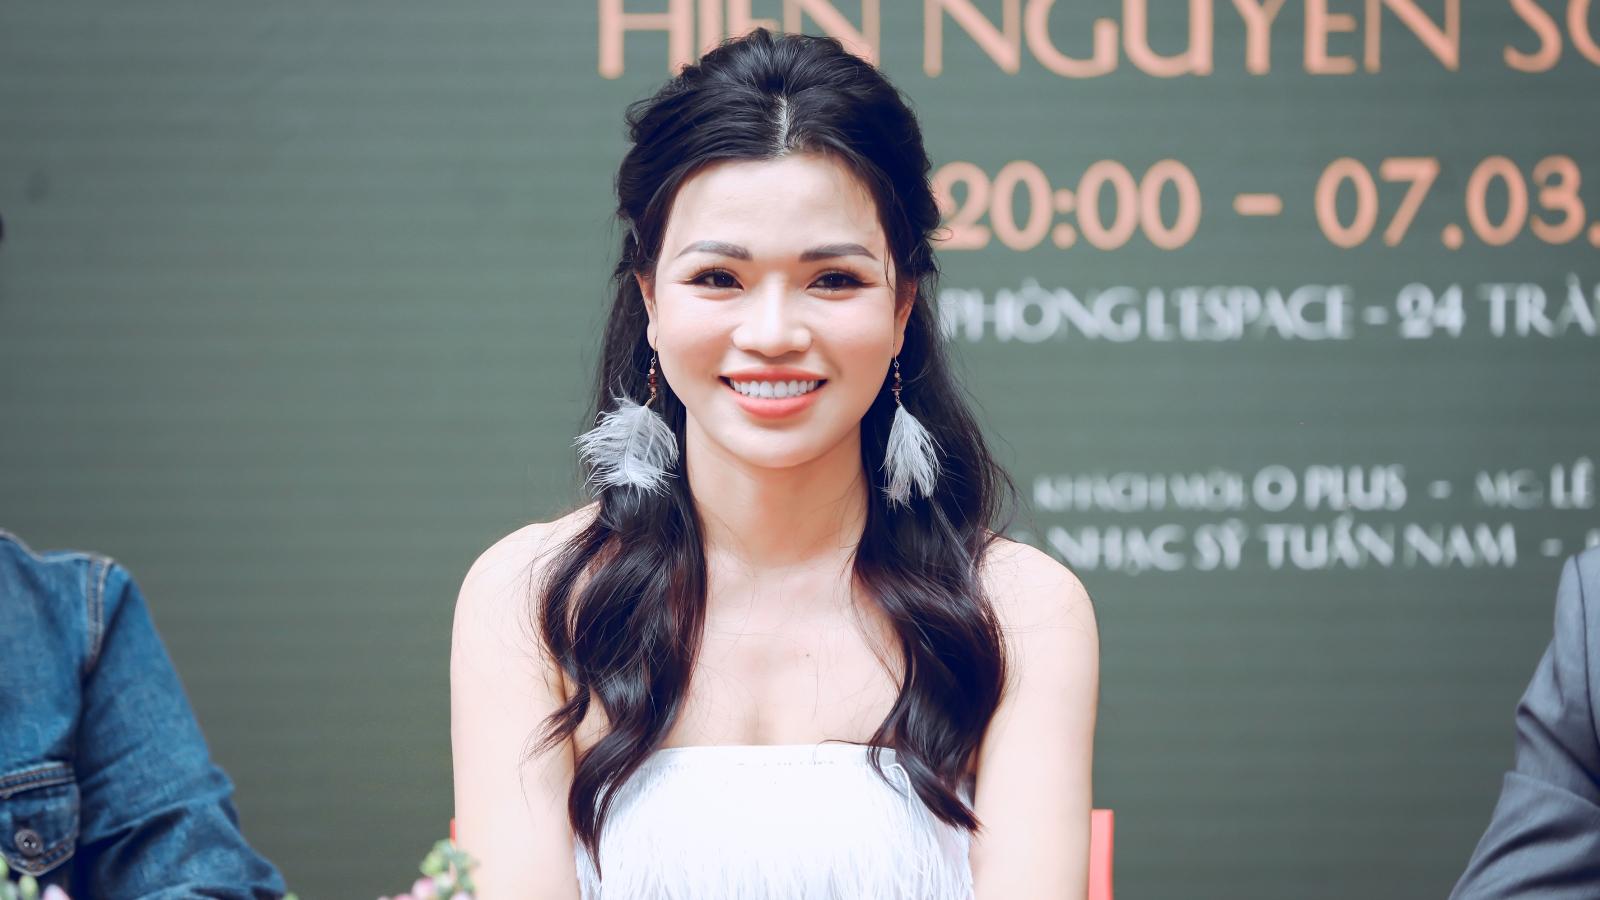 """2 năm không ra được album, Hiền Nguyễn Soprano """"ngược dòng"""" làm concert"""